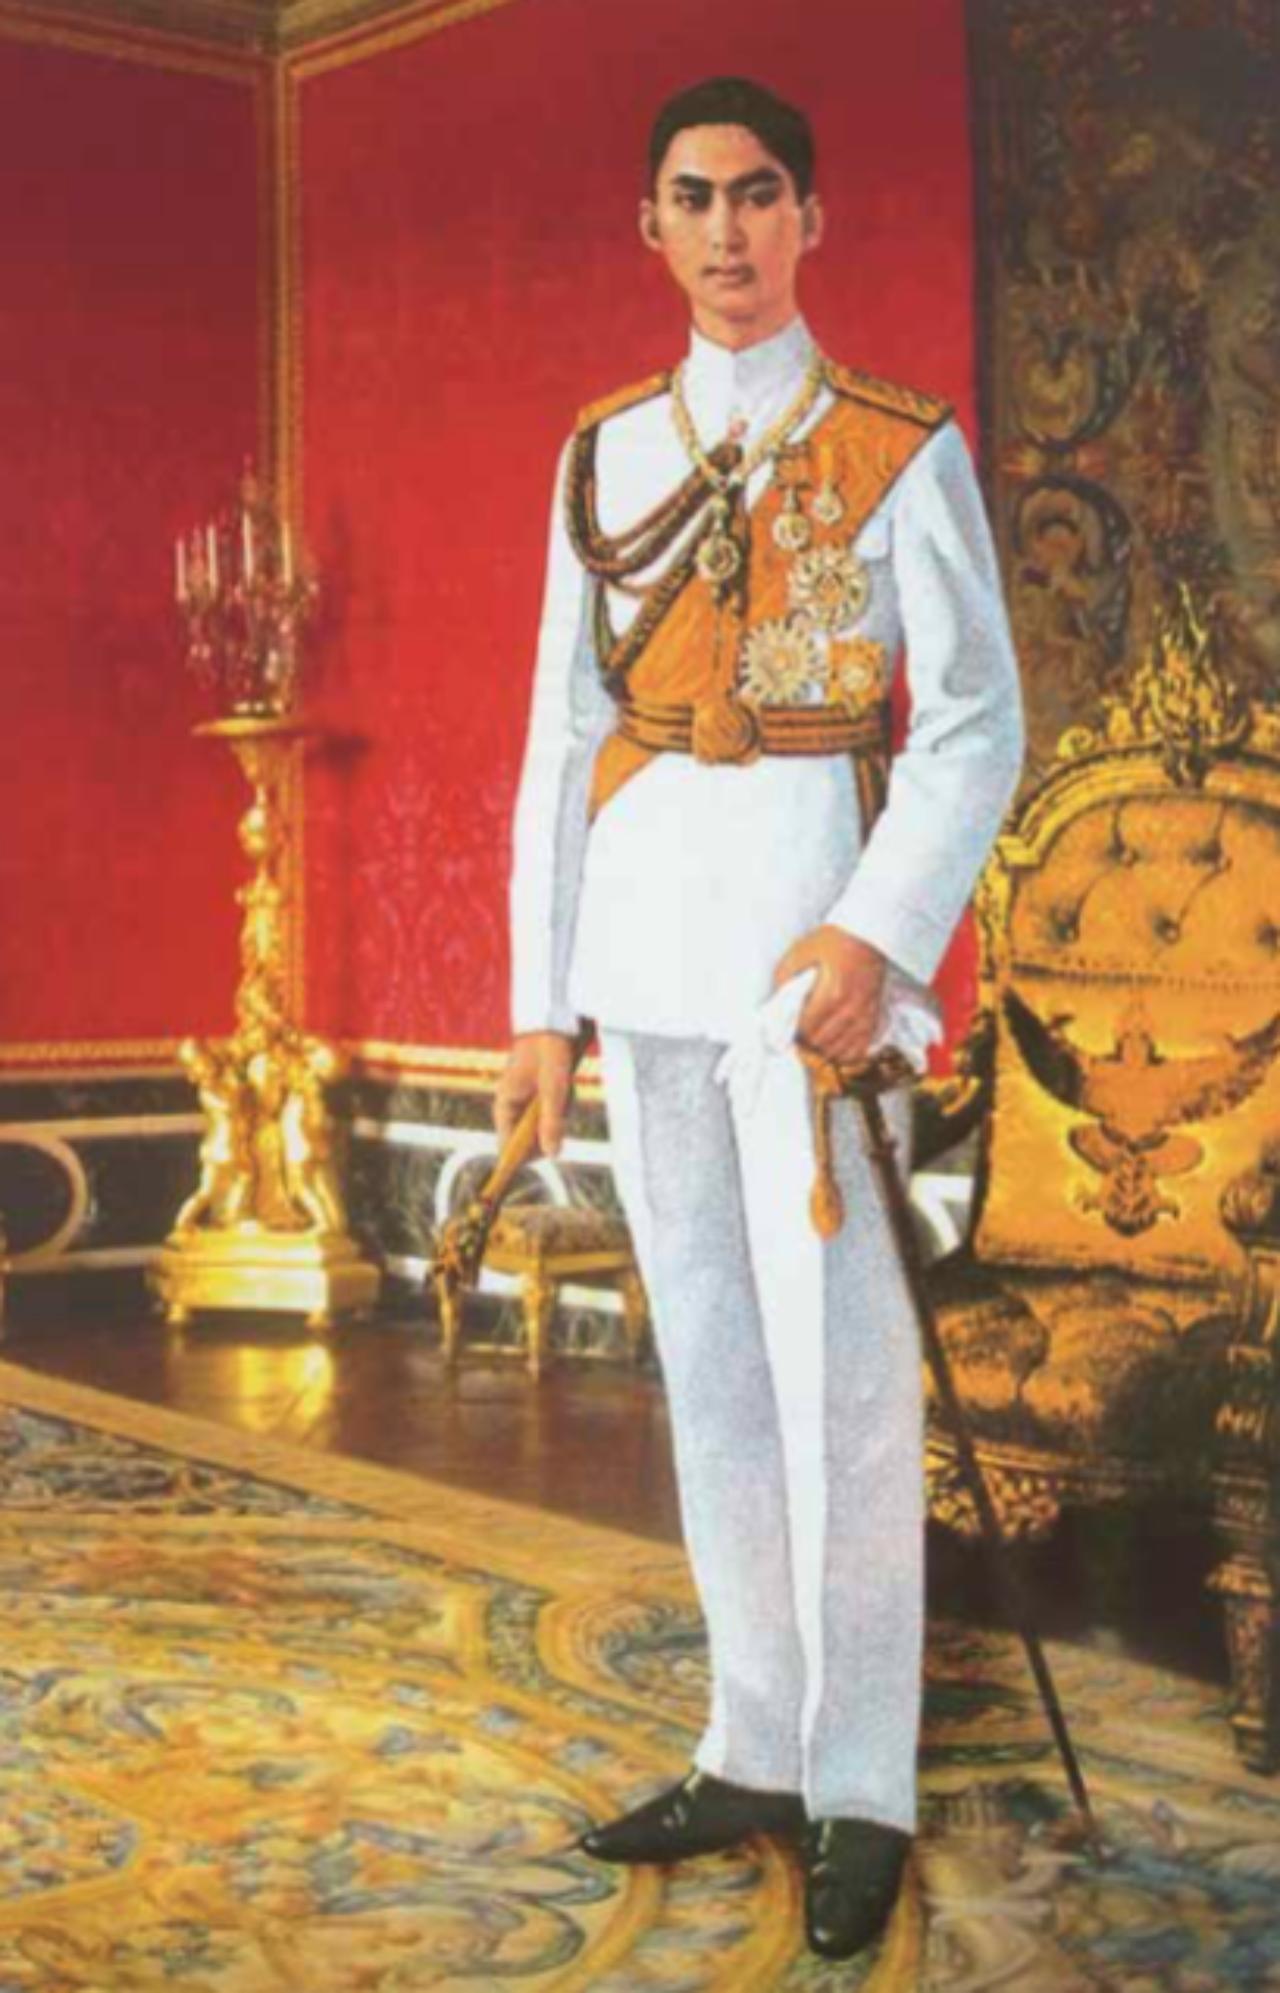 พระบาทสมเด็จพระปรเมนทรมหาอานันทมหิดล พระอัฐมรามาธิบดินทร ในหลวงรัชกาลที่ 8 เสด็จสวรรคตก่อนทรงรับพระราชพิธีบรมราชาภิเษก